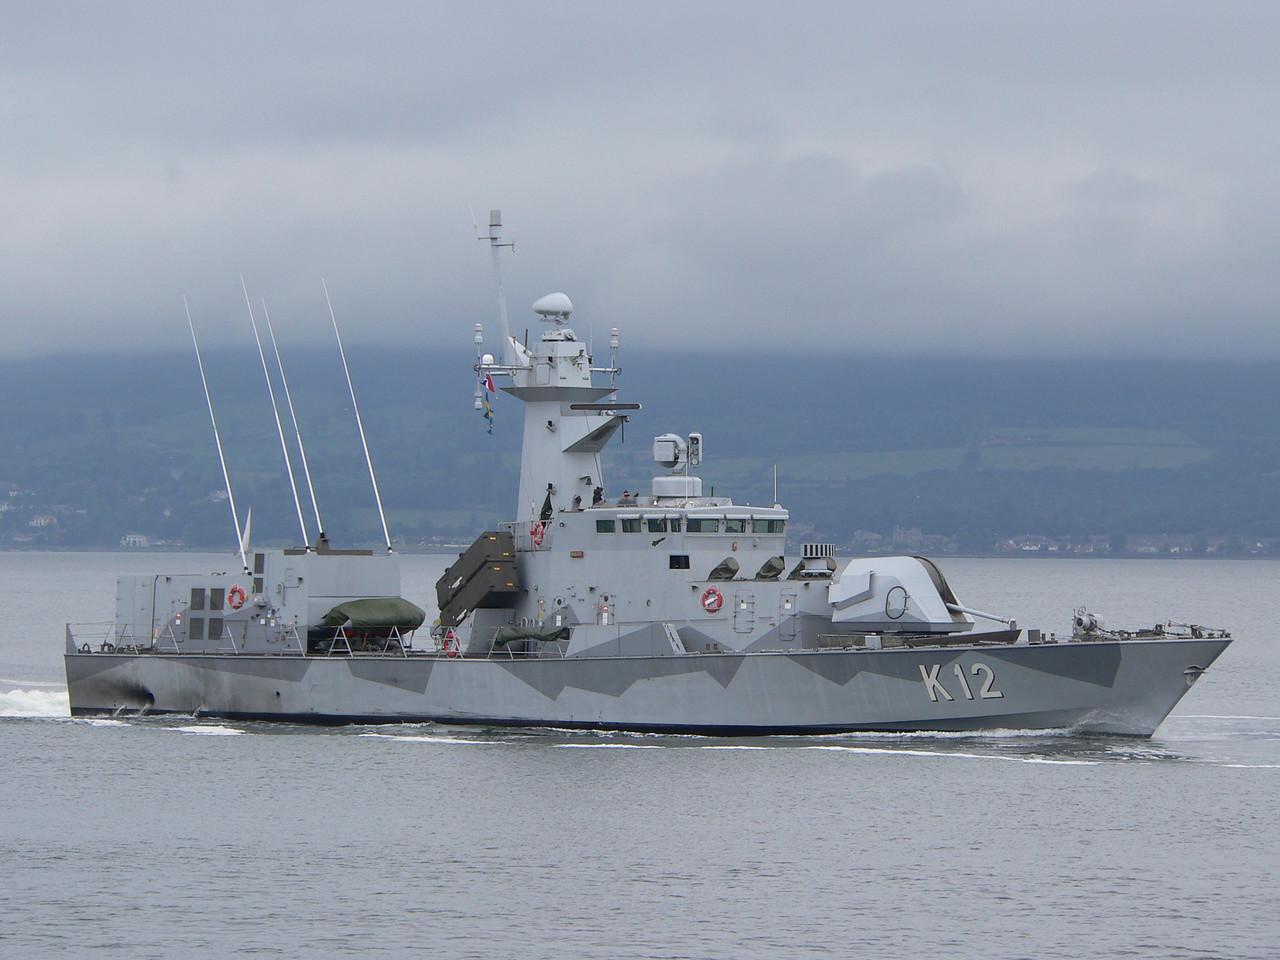 K-12 HMS MALMO